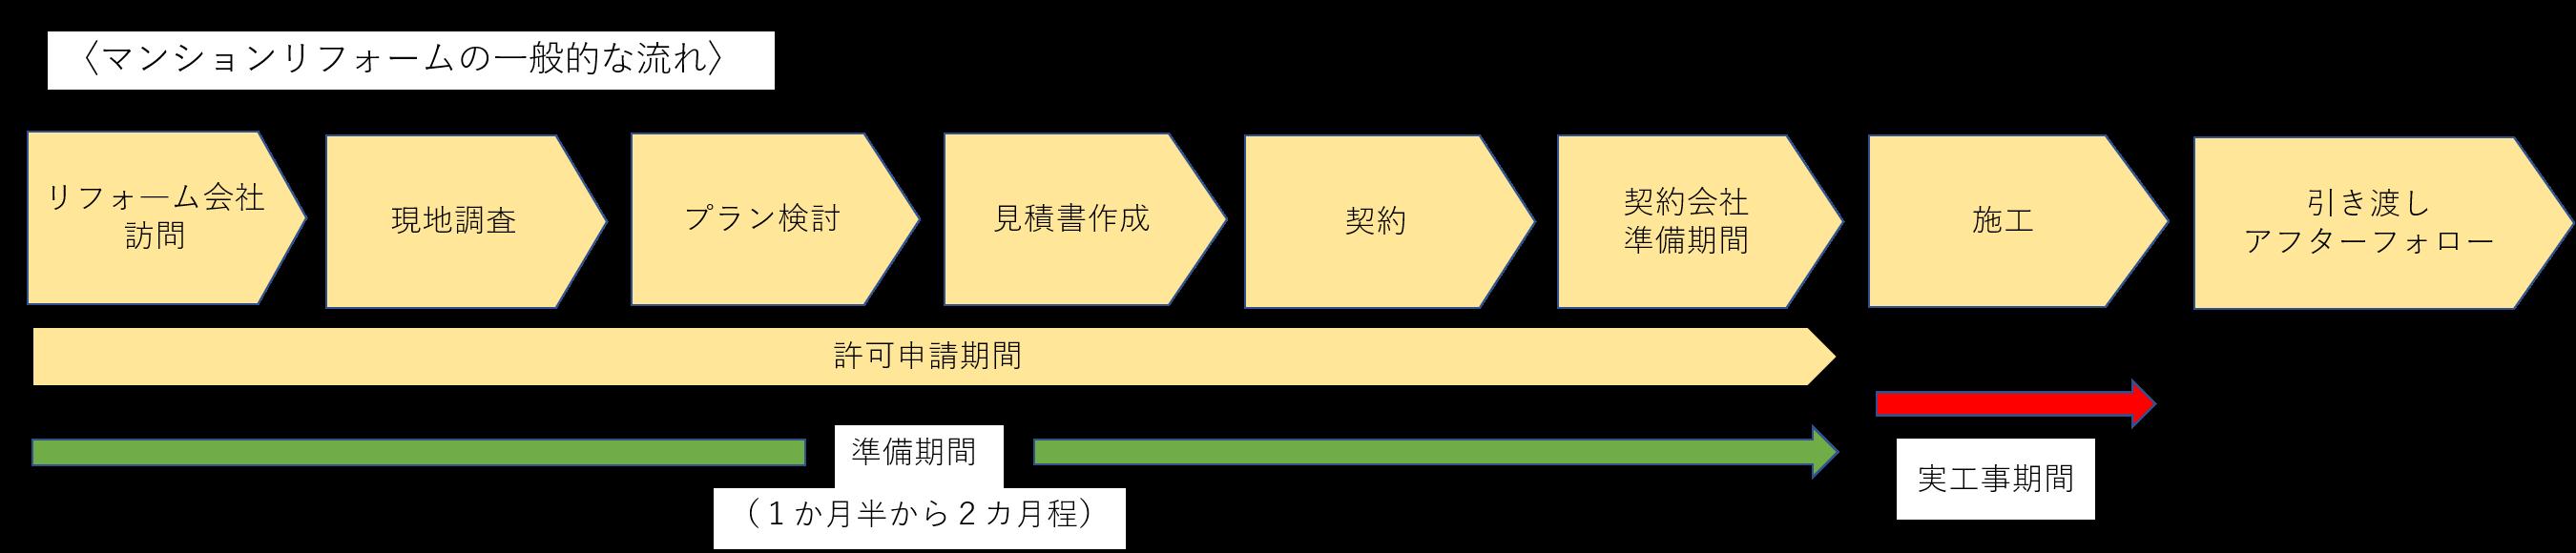 マンションリフォームの一般的な流れ